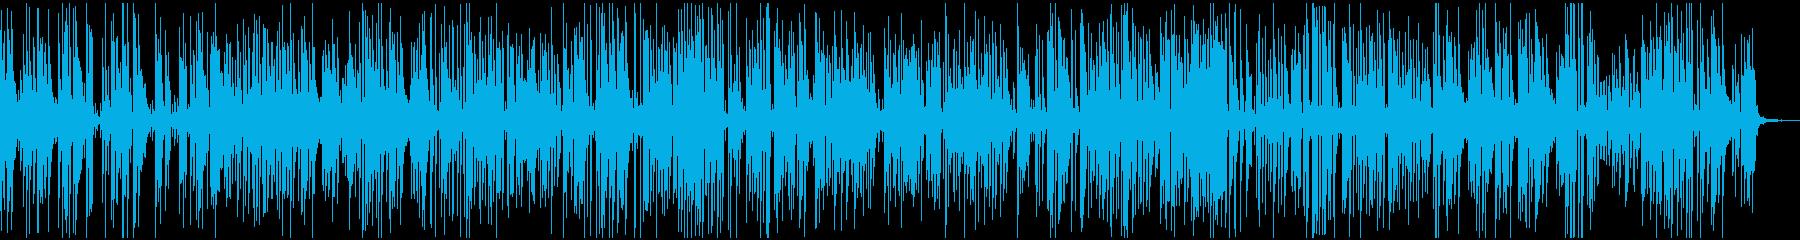 素敵で軽快なアコースティックジャズピアノの再生済みの波形